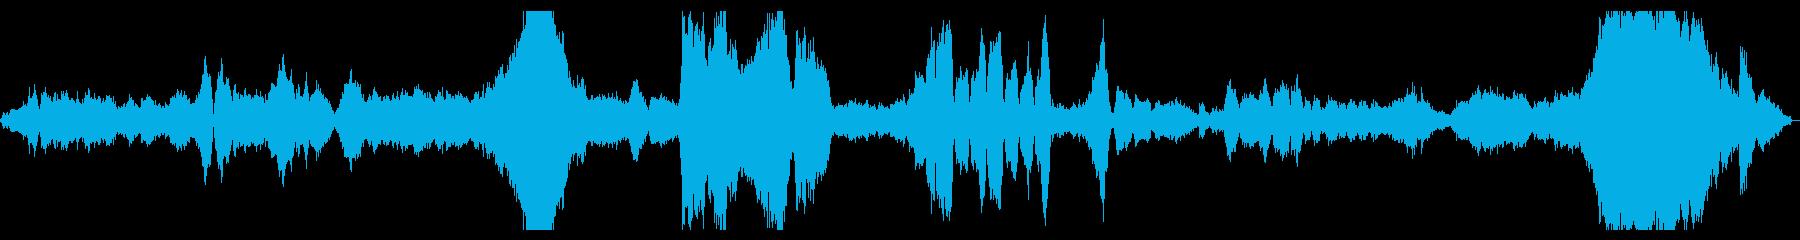 穏やかで繊細なクラシック曲の再生済みの波形